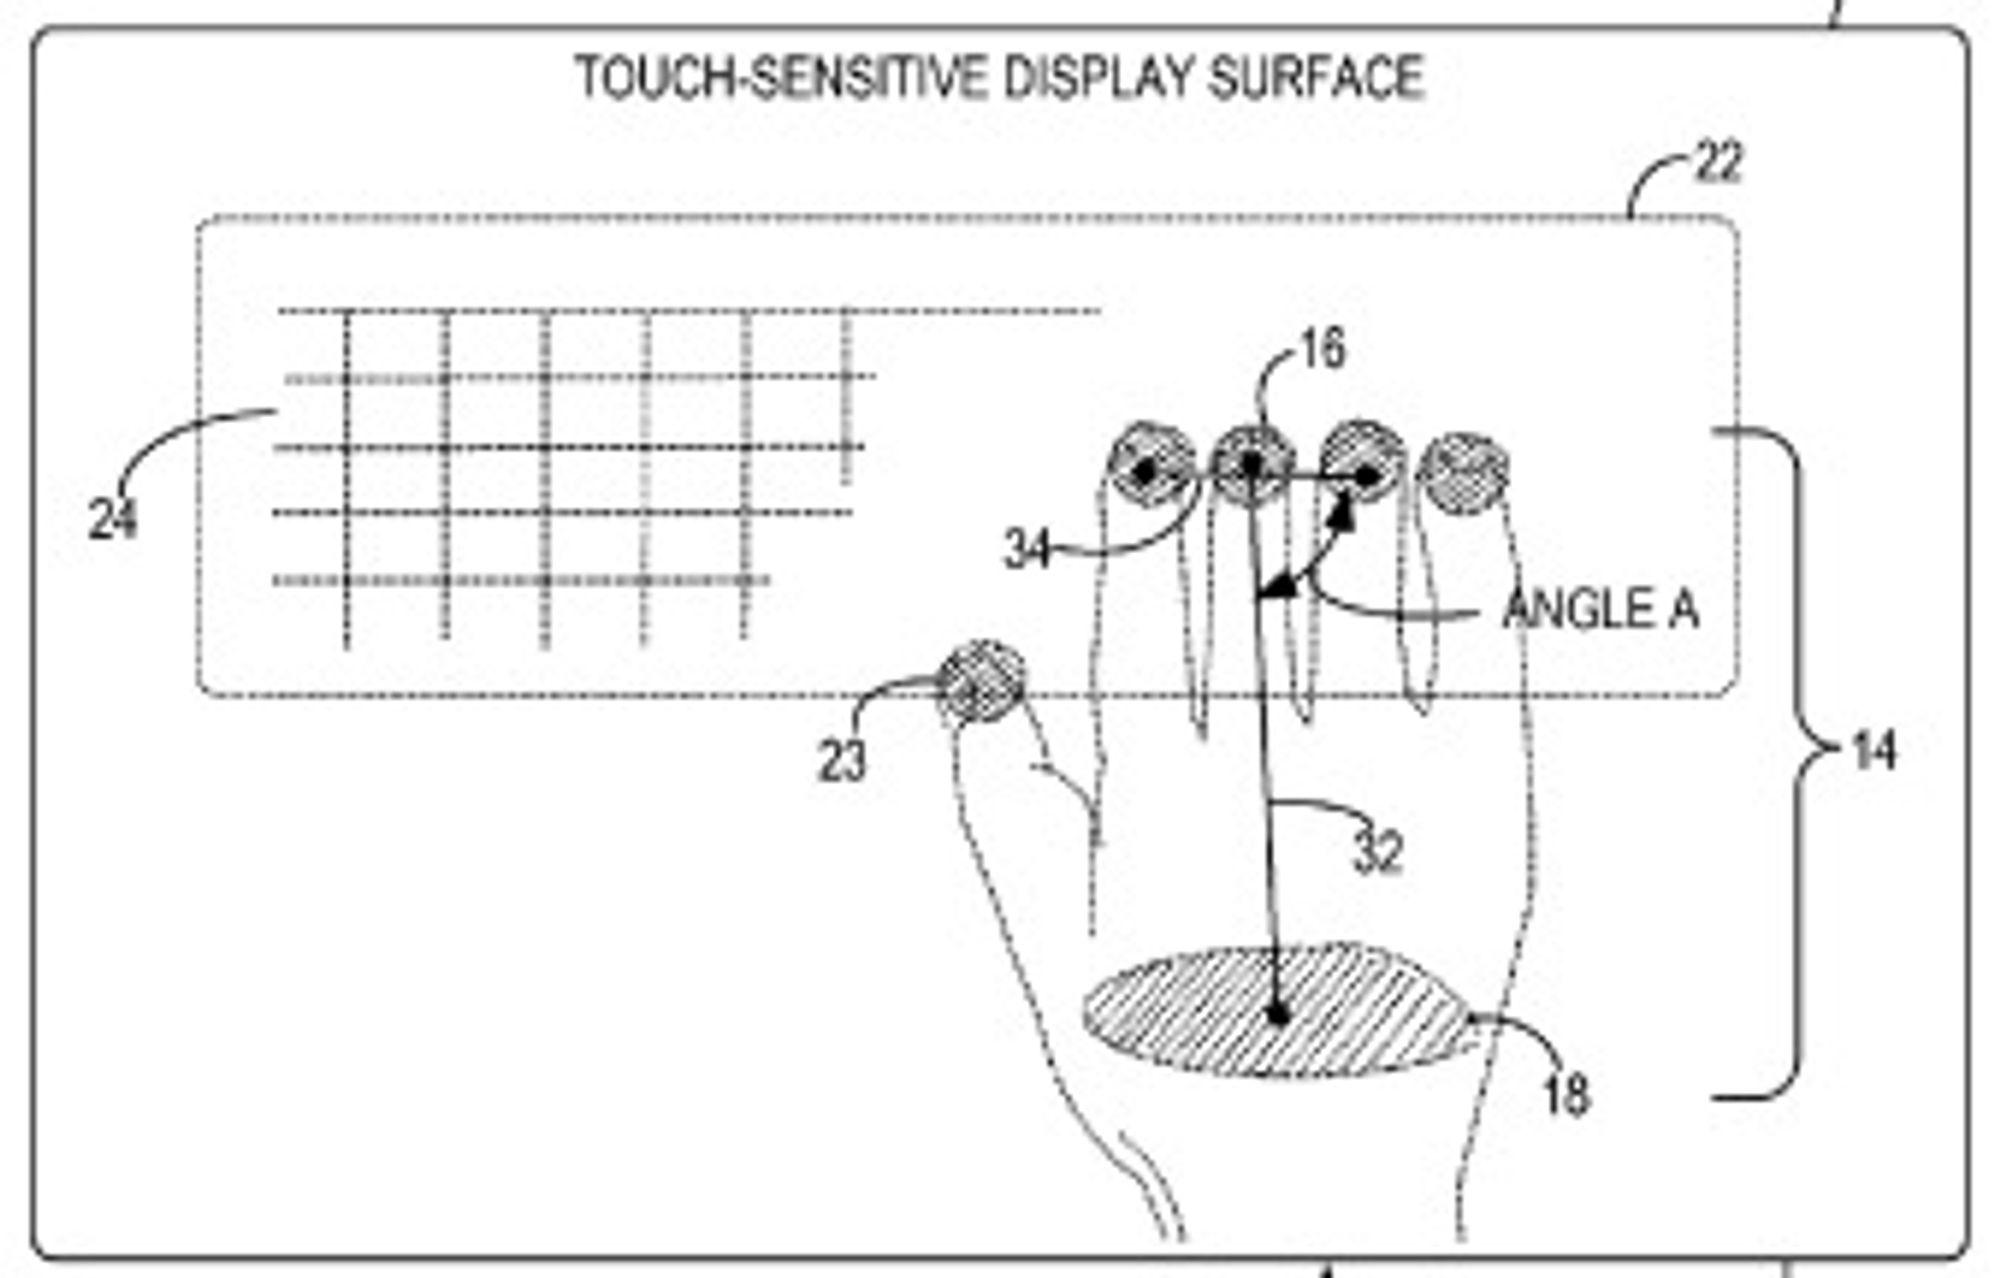 Tastaturet legges ut automatisk straks skjermen merker brukerens håndflate og minst én finger.